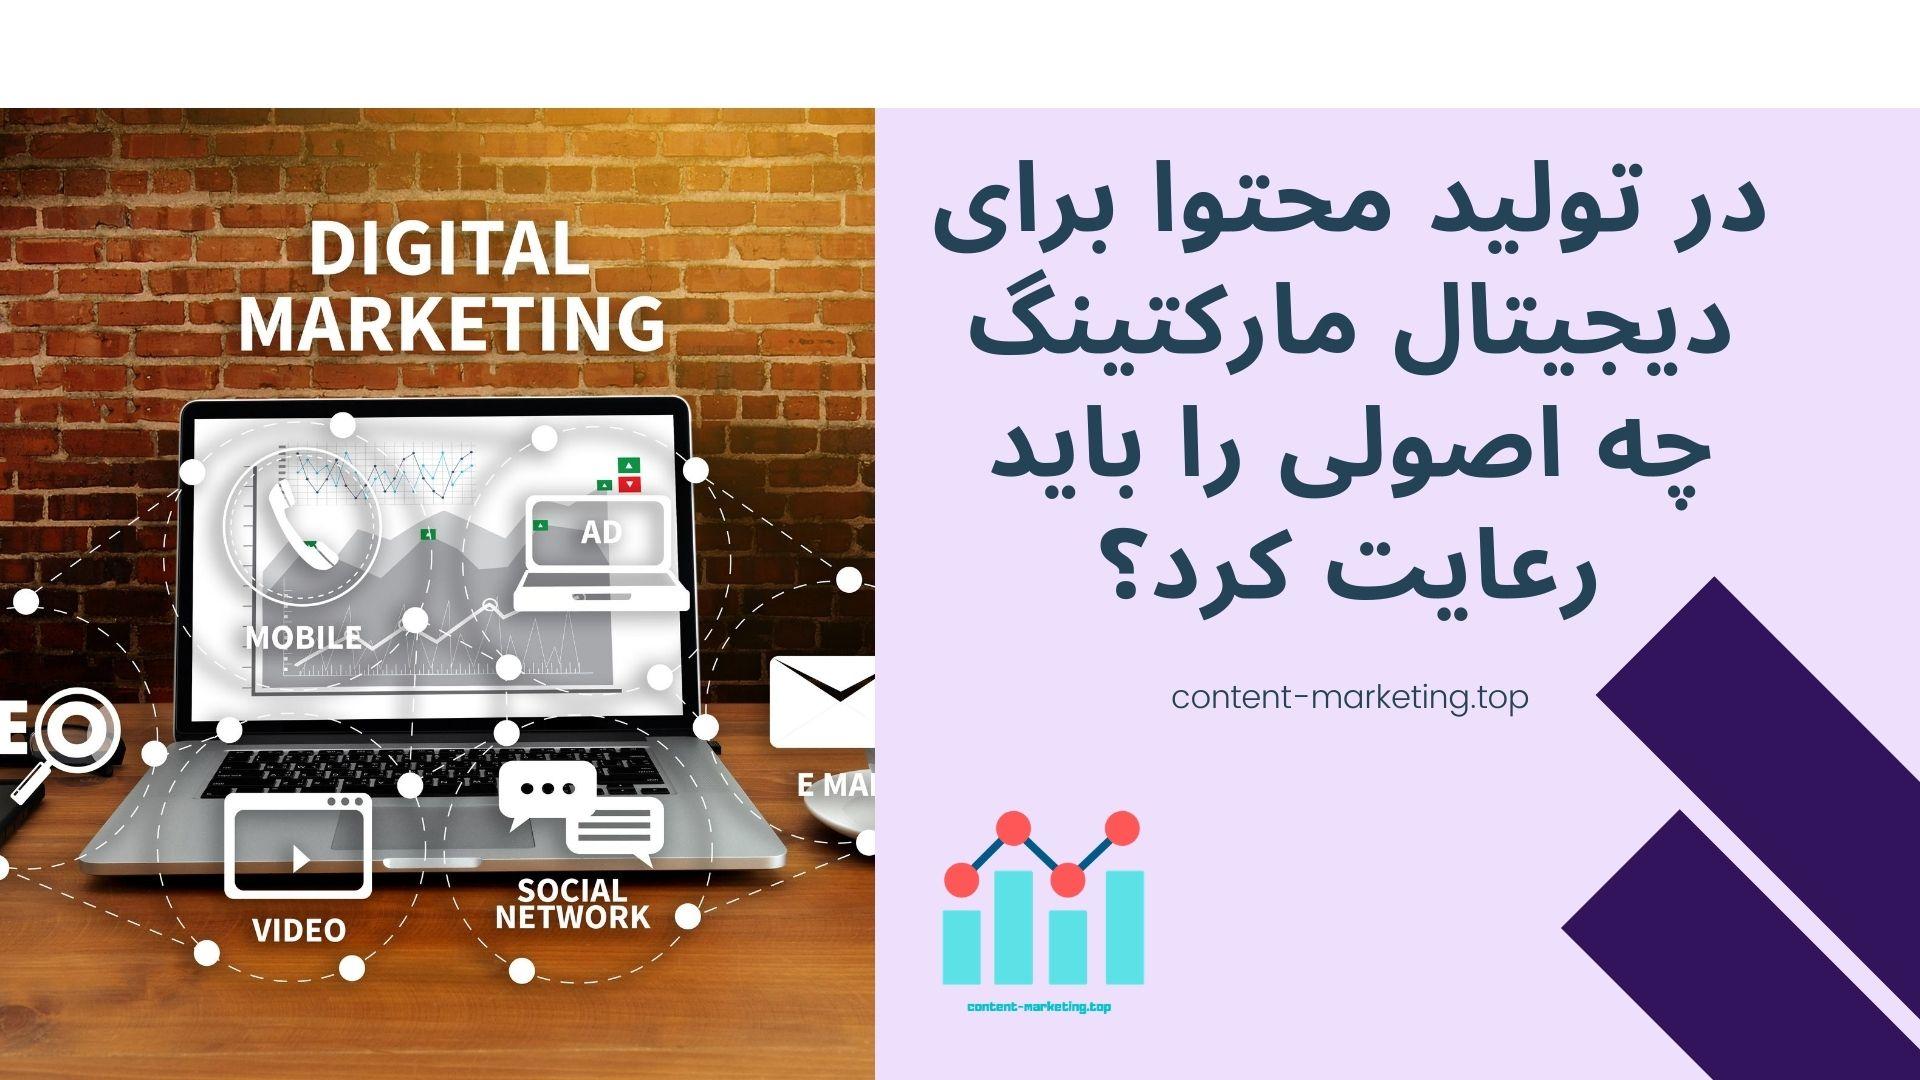 در تولید محتوا برای دیجیتال مارکتینگ چه اصولی را باید رعایت کرد؟